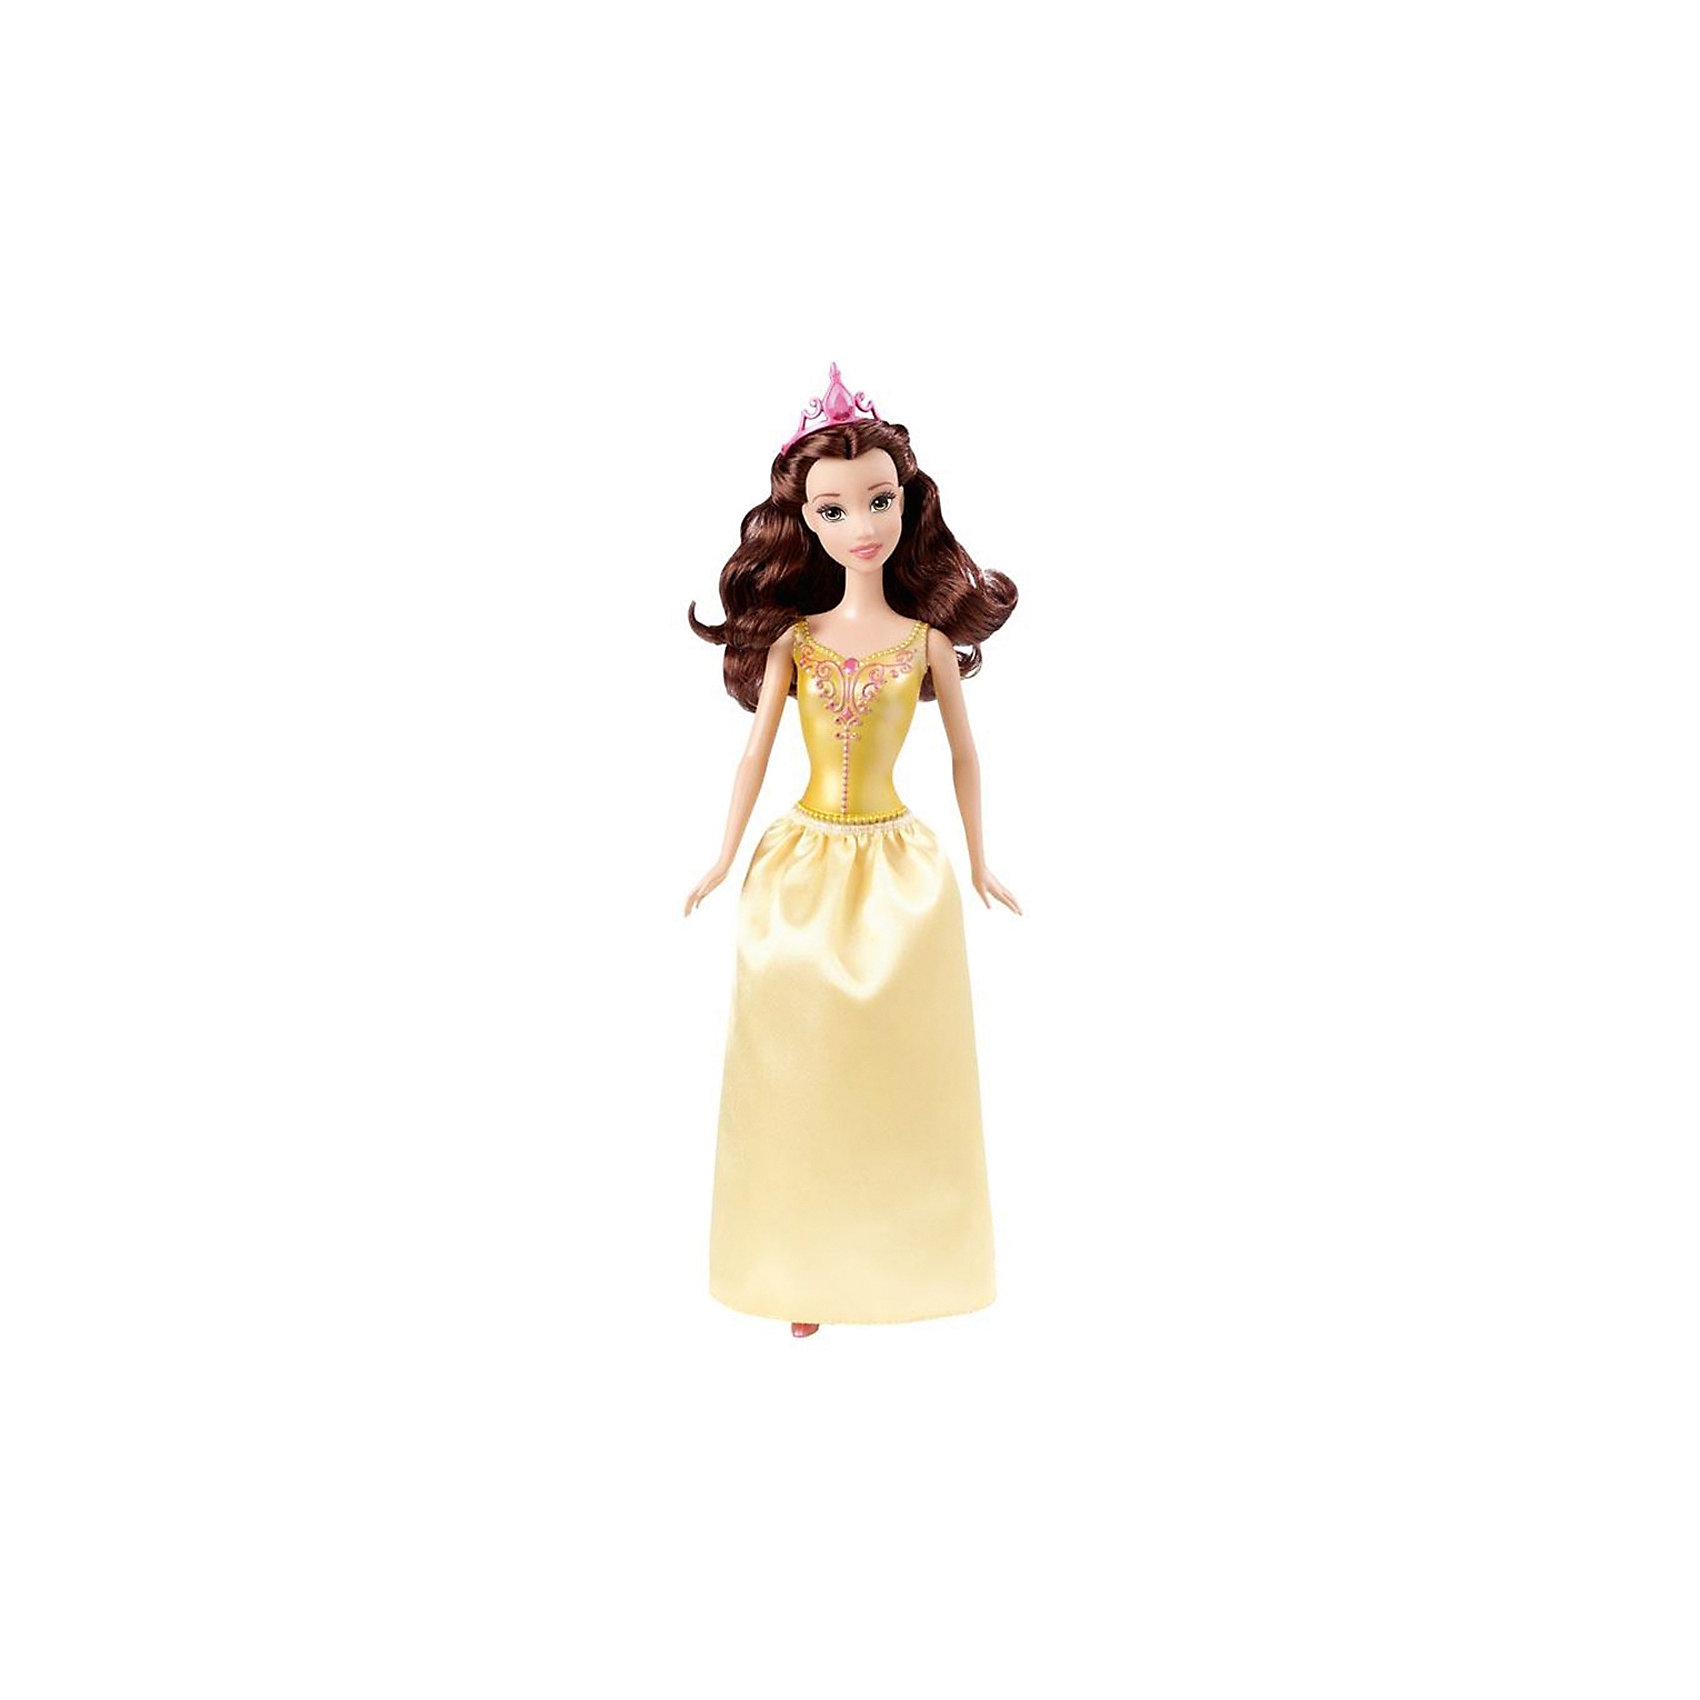 Кукла Бэлль, Принцессы ДиснейКукла Бэлль, Disney Princess (Принцесса Диснея) – эта кукла поможет вашей малышке окунуться в мир сказки.<br>Бэлль из серии «Принцессы Диснея» выглядит совсем как героиня мультфильма «Красавица и чудовище»! У куклы детально прорисованное лицо, так похожее на то, которое мы видим в мультфильме. Платье состоит из цельного с телом куклы пластикового лифа с украшениями и снимающейся юбки. На ногах туфельки. На волосах куколки красуется диадема. Волосы густые и хорошо прошиты, их можно расчесывать. Ручки, ножки и голова куколки подвижны. Руки не сгибаются в локтях. Ваша малышка с удовольствием будет играть с этой куколкой, проигрывая сюжеты из мультсериала или придумывая различные истории.<br><br>Дополнительная информация:<br><br>- Материал: высококачественный пластик, текстиль<br>- Рост куклы: 29 см.<br>- Размер упаковки: 32,5 х 10 х 5 см.<br>- Вес: 212 гр.<br><br>Куклу Бэлль, Disney Princess (Принцесса Диснея) можно купить в нашем интернет-магазине.<br><br>Ширина мм: 10<br>Глубина мм: 5<br>Высота мм: 32<br>Вес г: 212<br>Возраст от месяцев: 36<br>Возраст до месяцев: 144<br>Пол: Женский<br>Возраст: Детский<br>SKU: 4026508